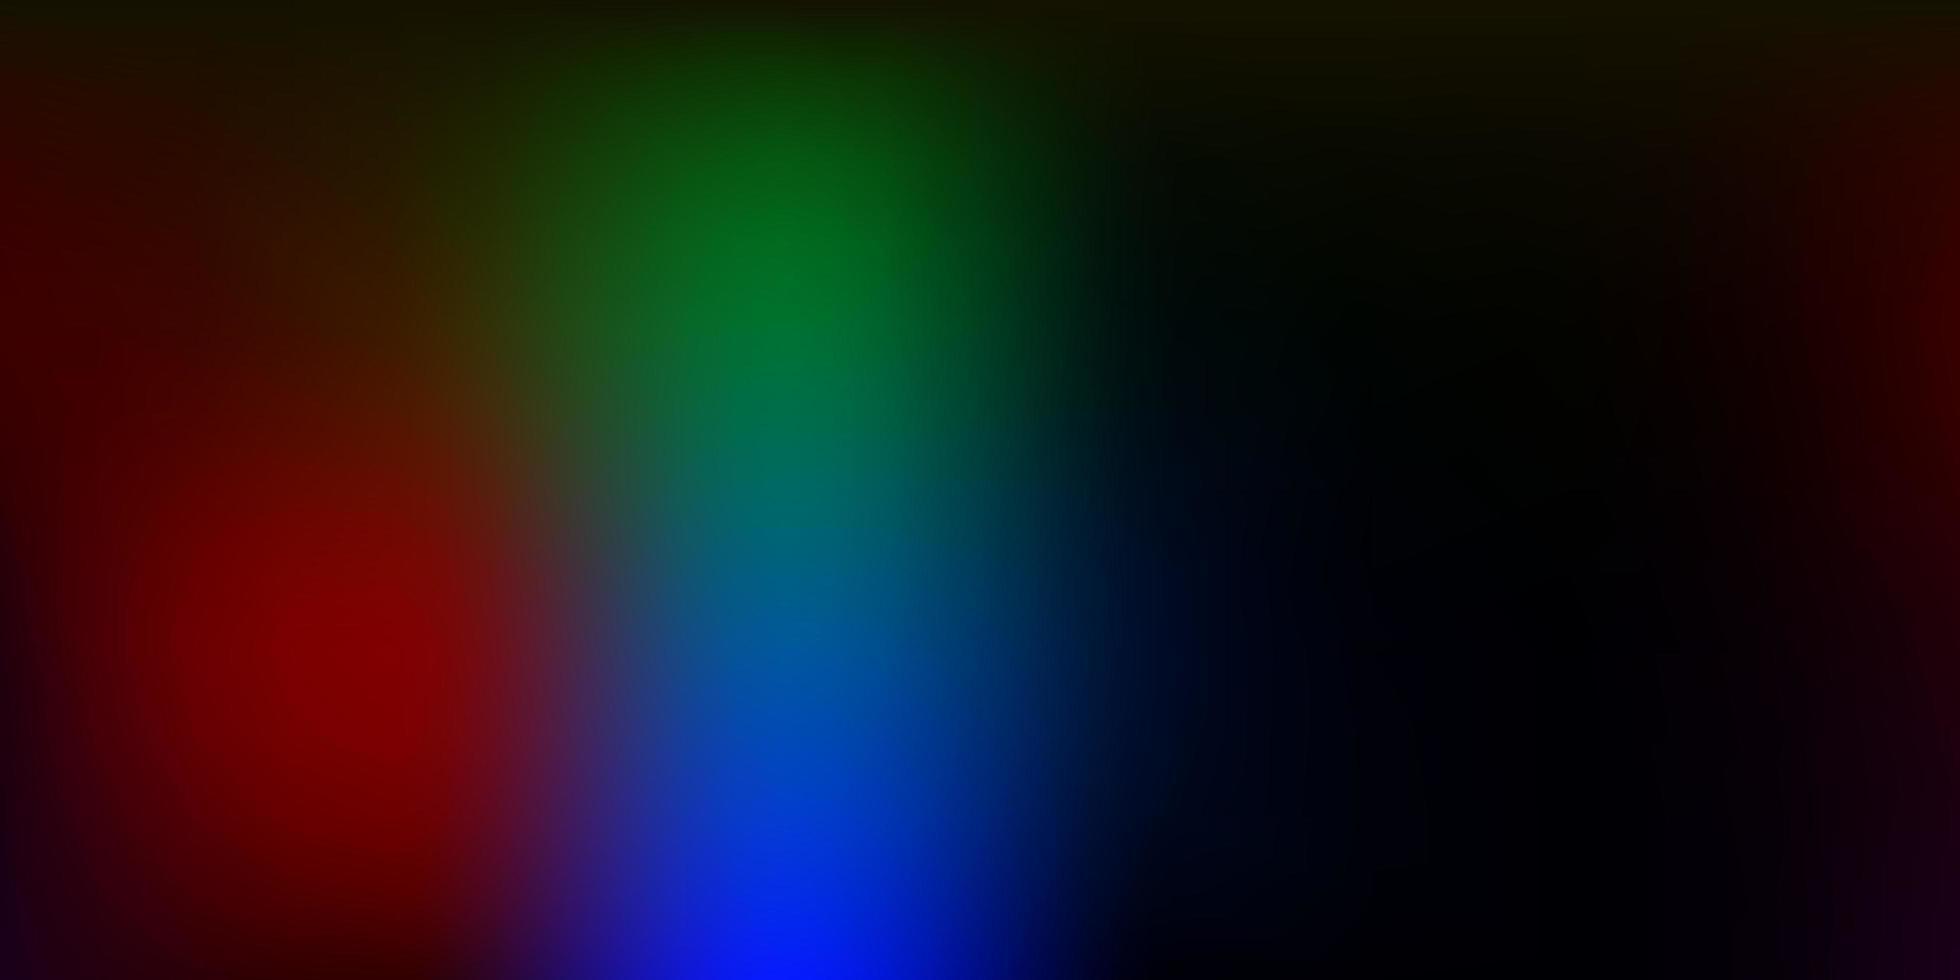 diseño de desenfoque abstracto multicolor oscuro. vector